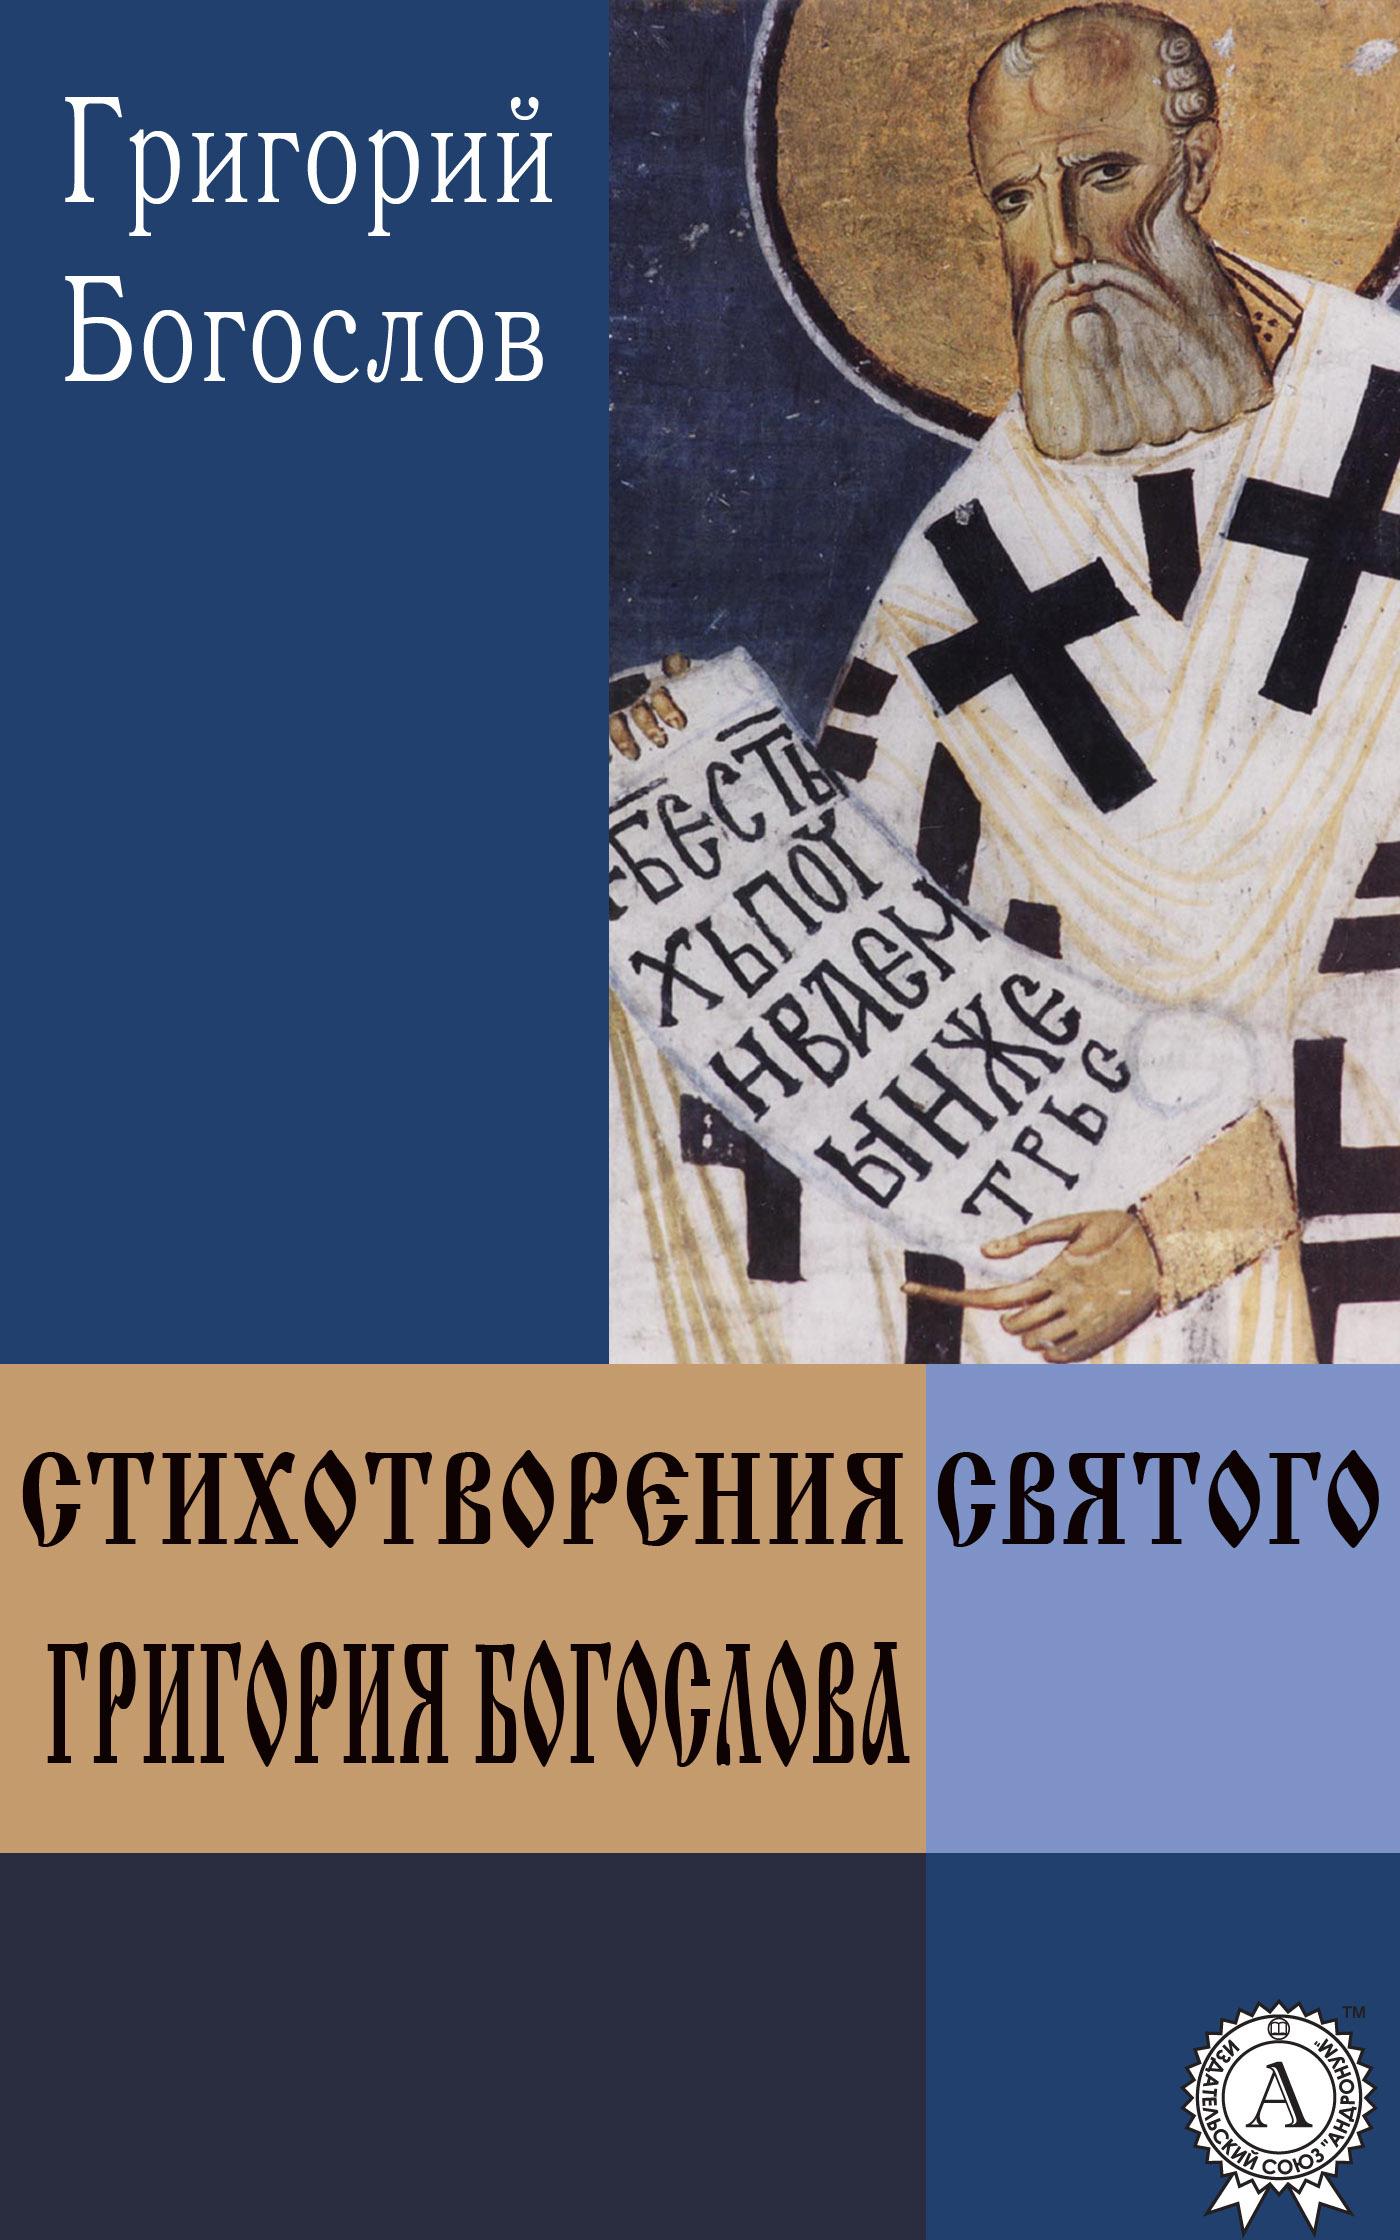 Стихотворения святого Григория Богослова